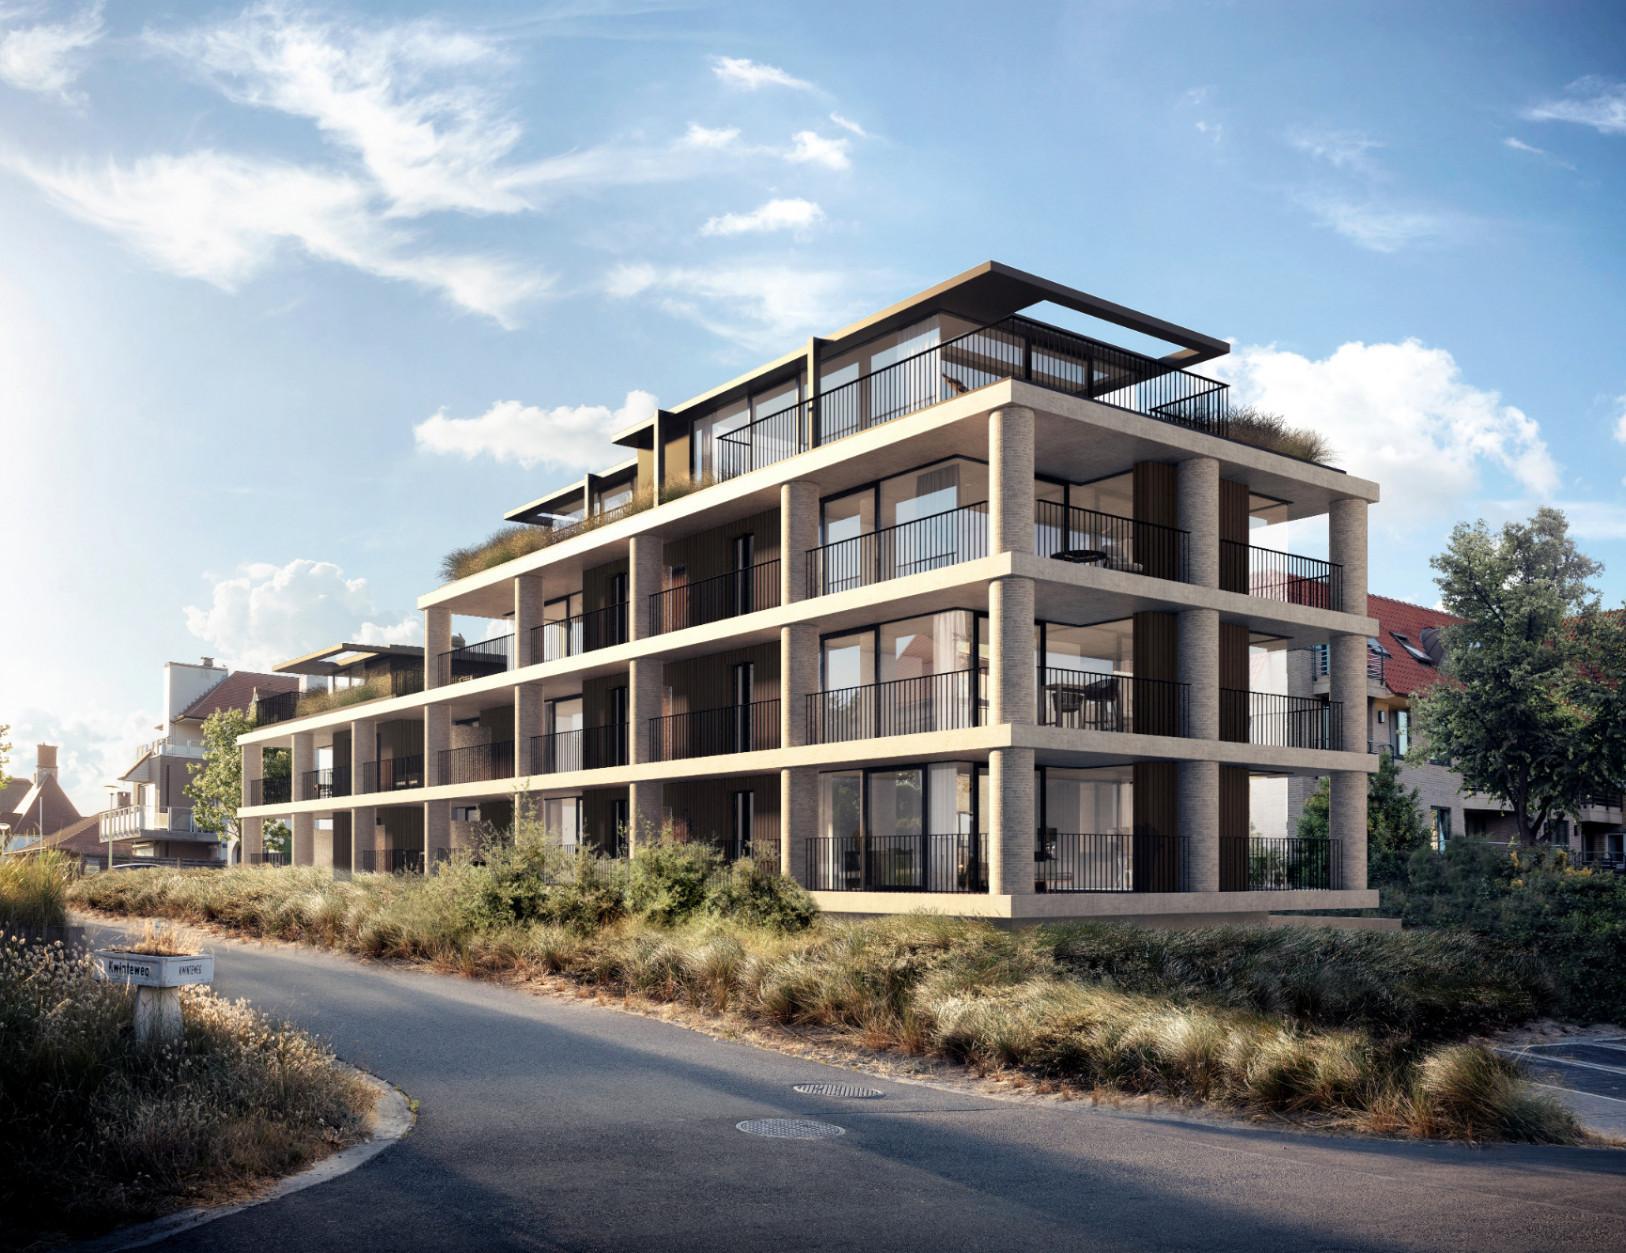 Theo van Doesburg - Oostduinkerke - Te koop - Rietveldprojects - Caan Architecten4_1626x0